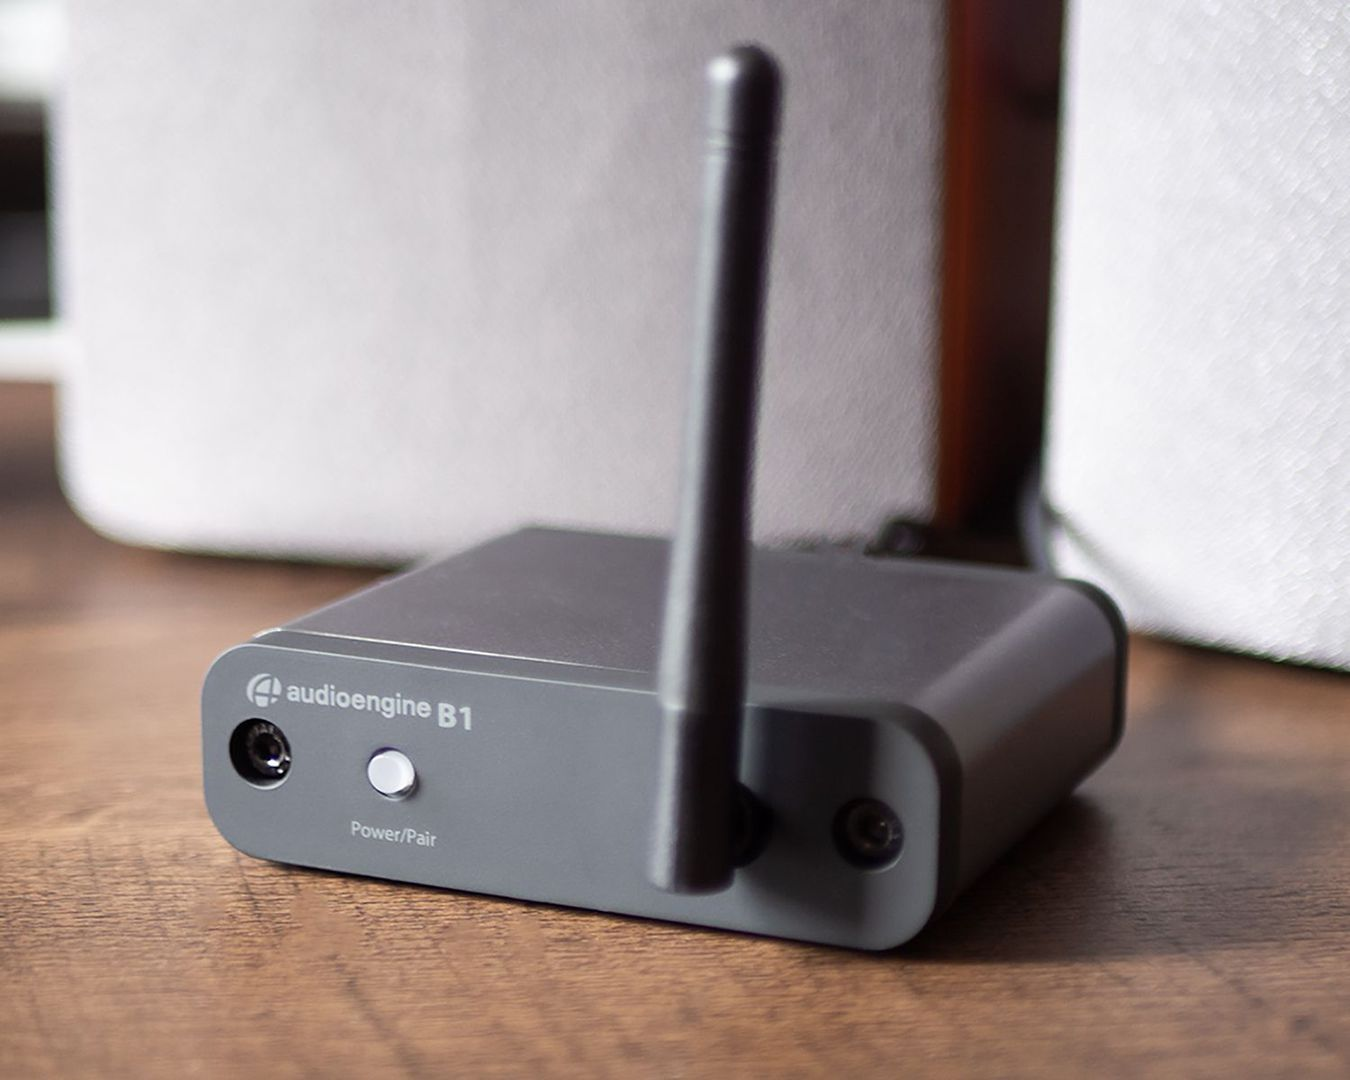 Audioengine B1 Bluetooth Reciever